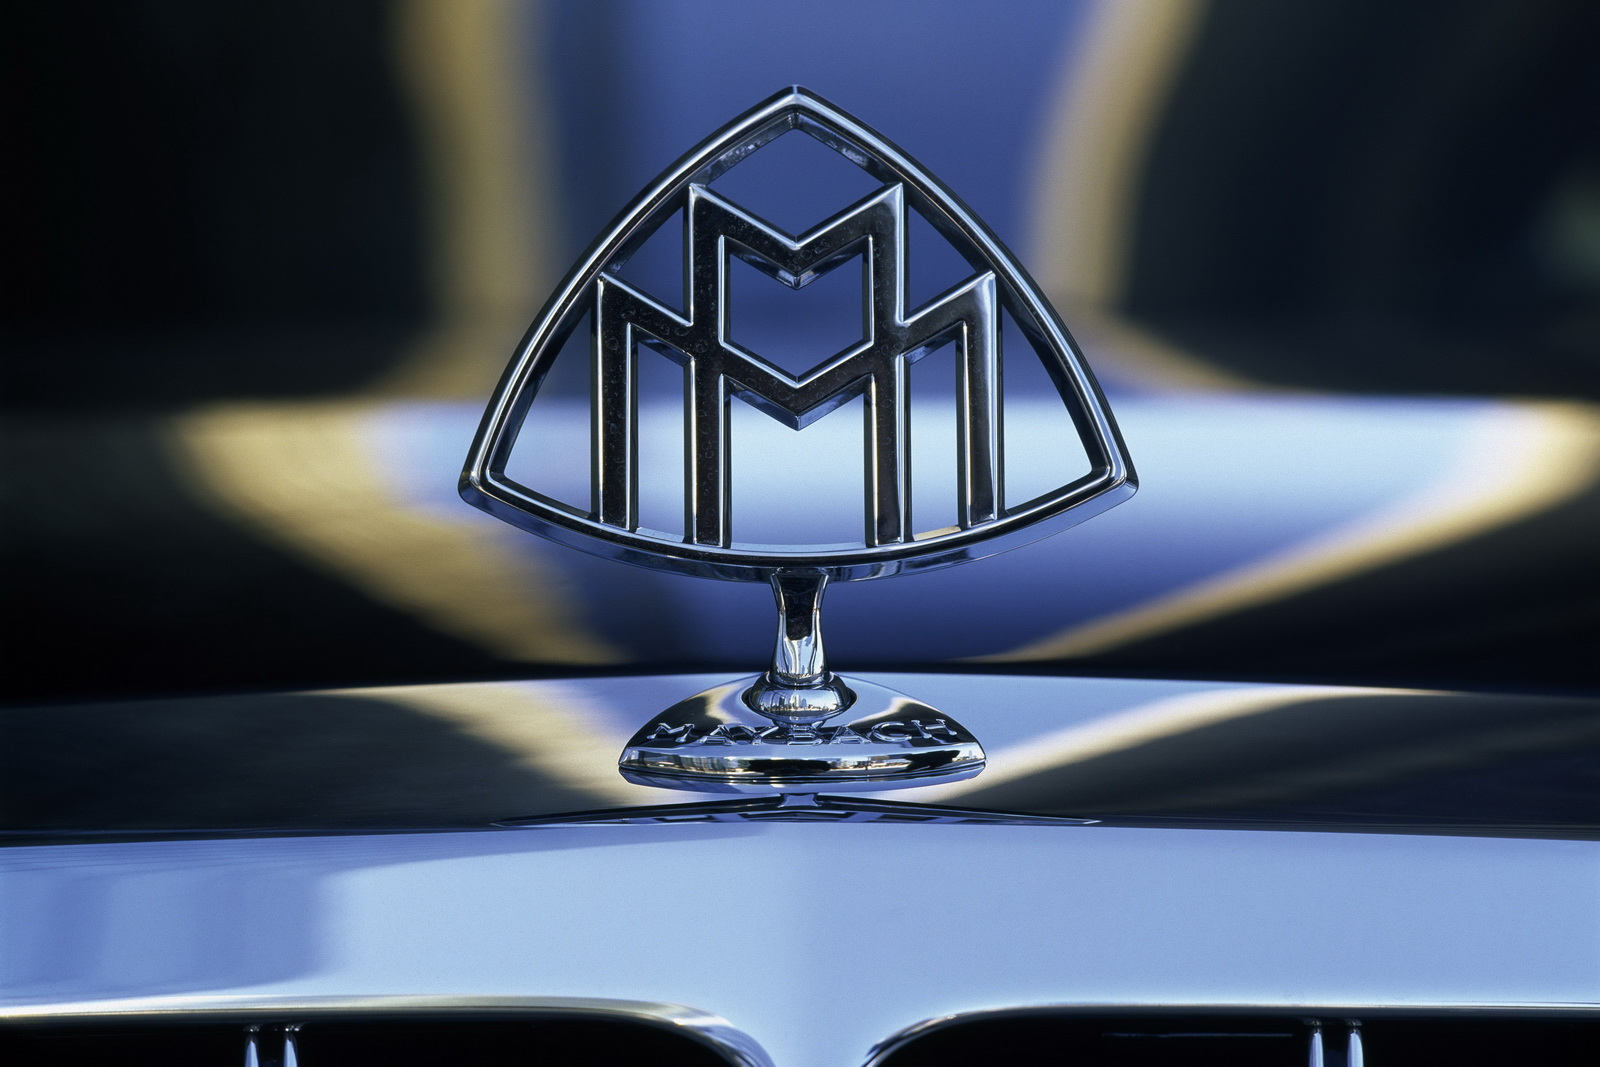 Maybach Symbol Wallpaper